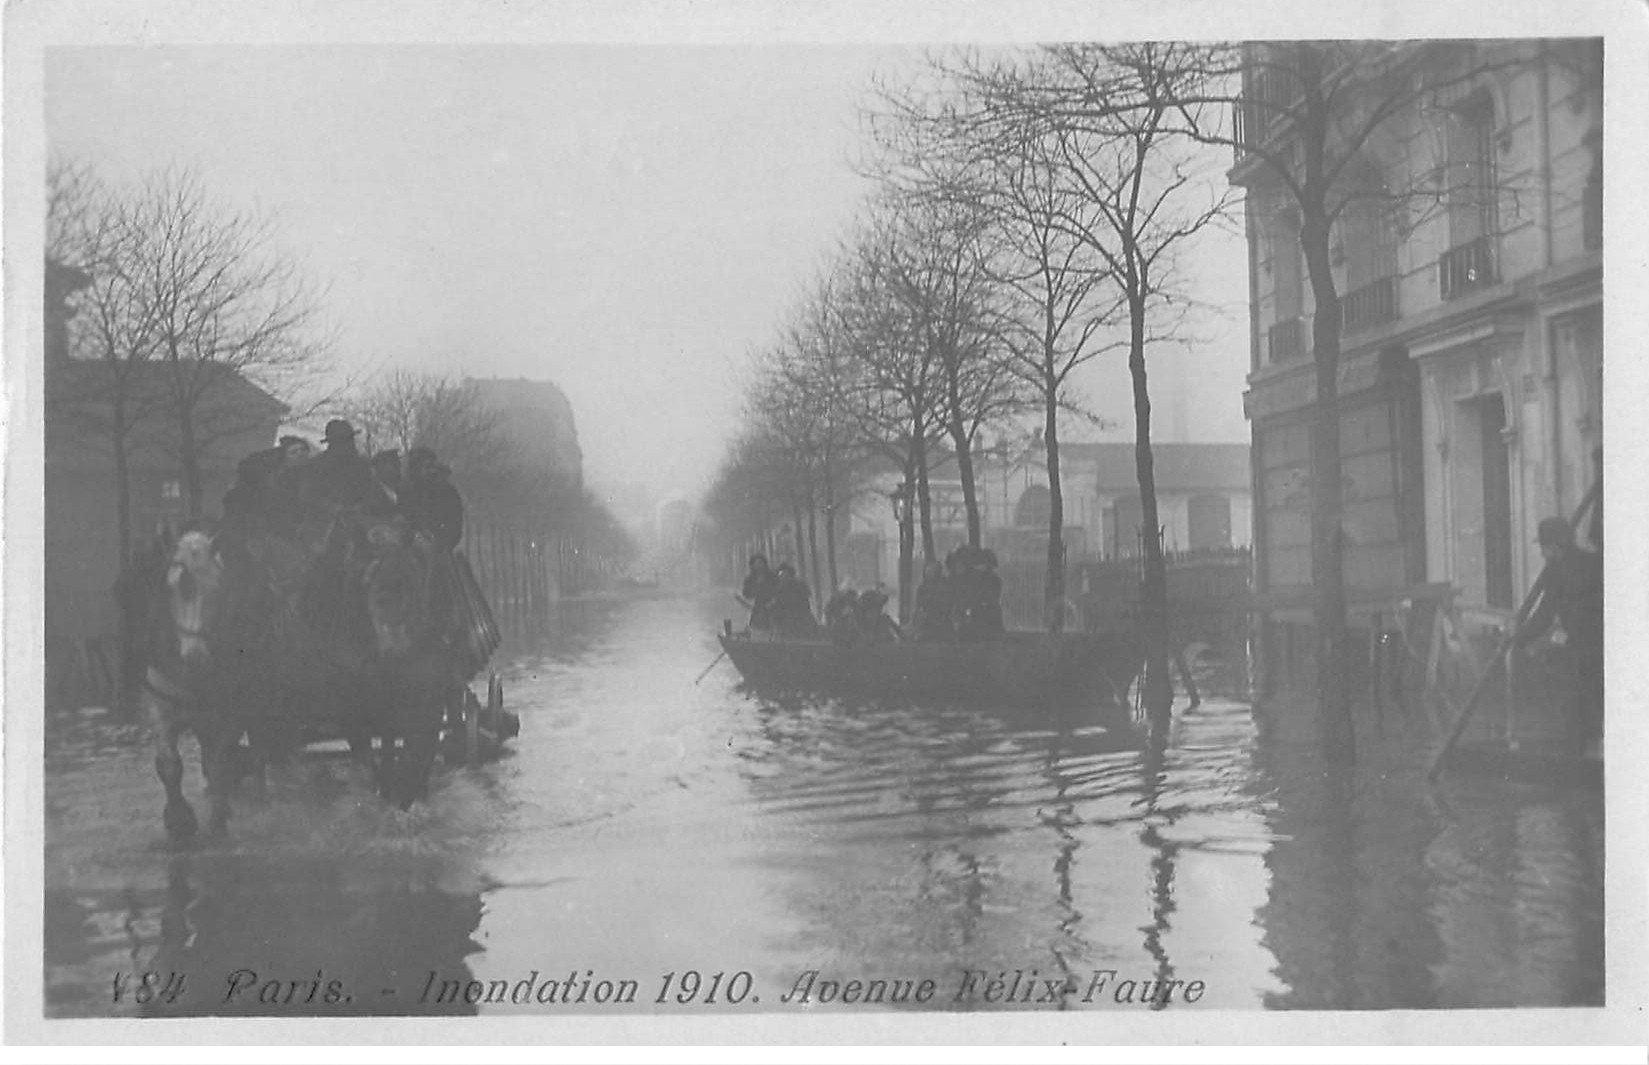 Inondation et Crue de PARIS 1910. Attelage Avenue Félix-Faure. Carte Photo Ed. Rose